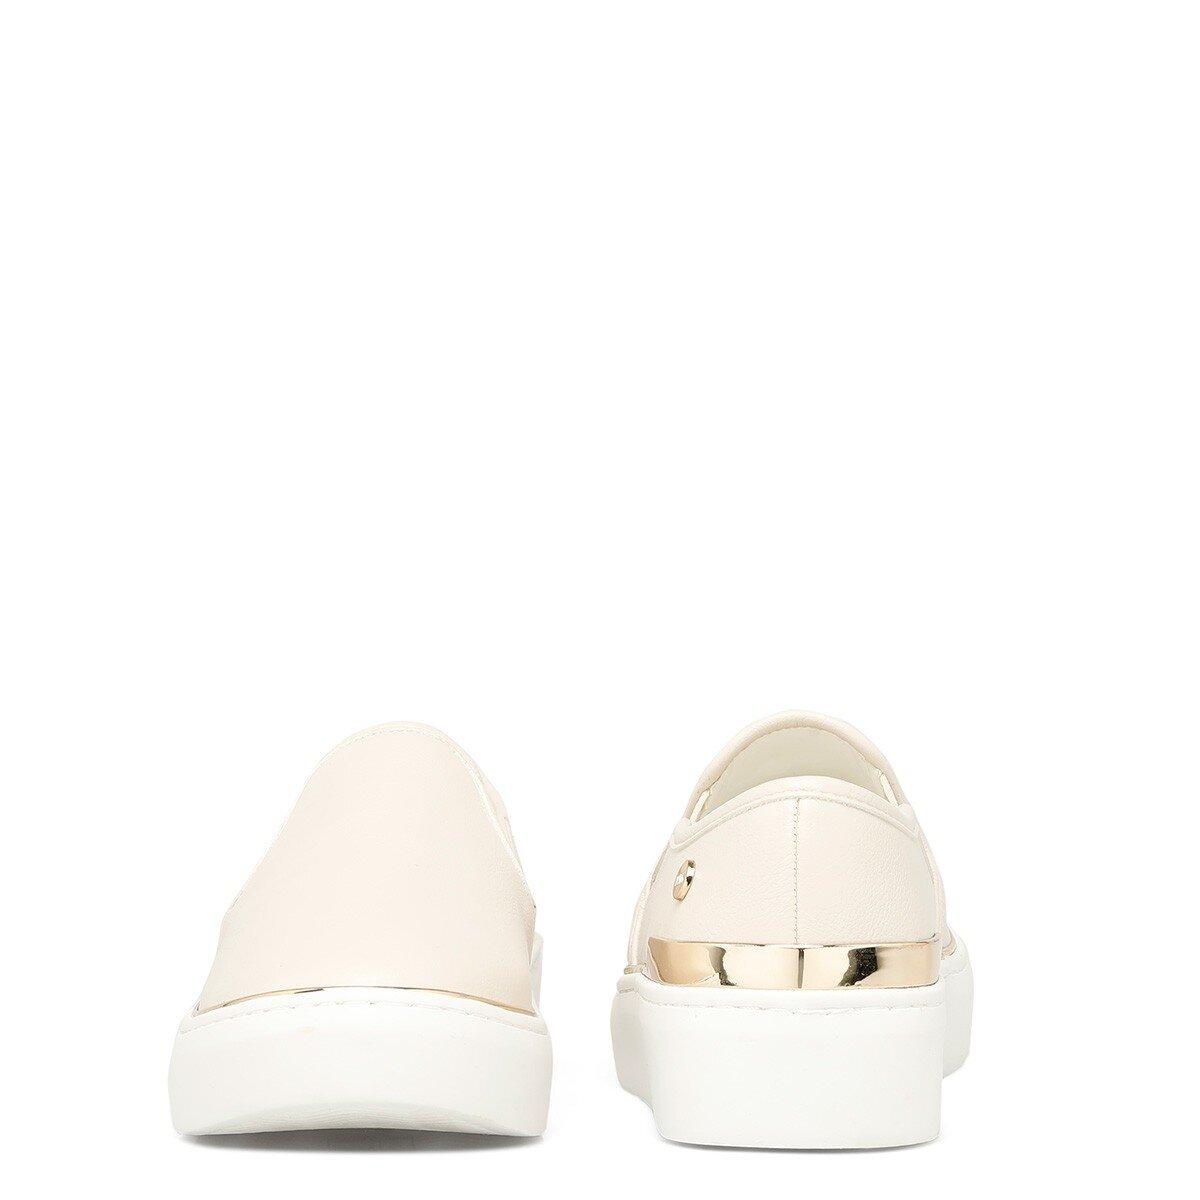 PIOMBO 1FX Krem Kadın Slip On Ayakkabı